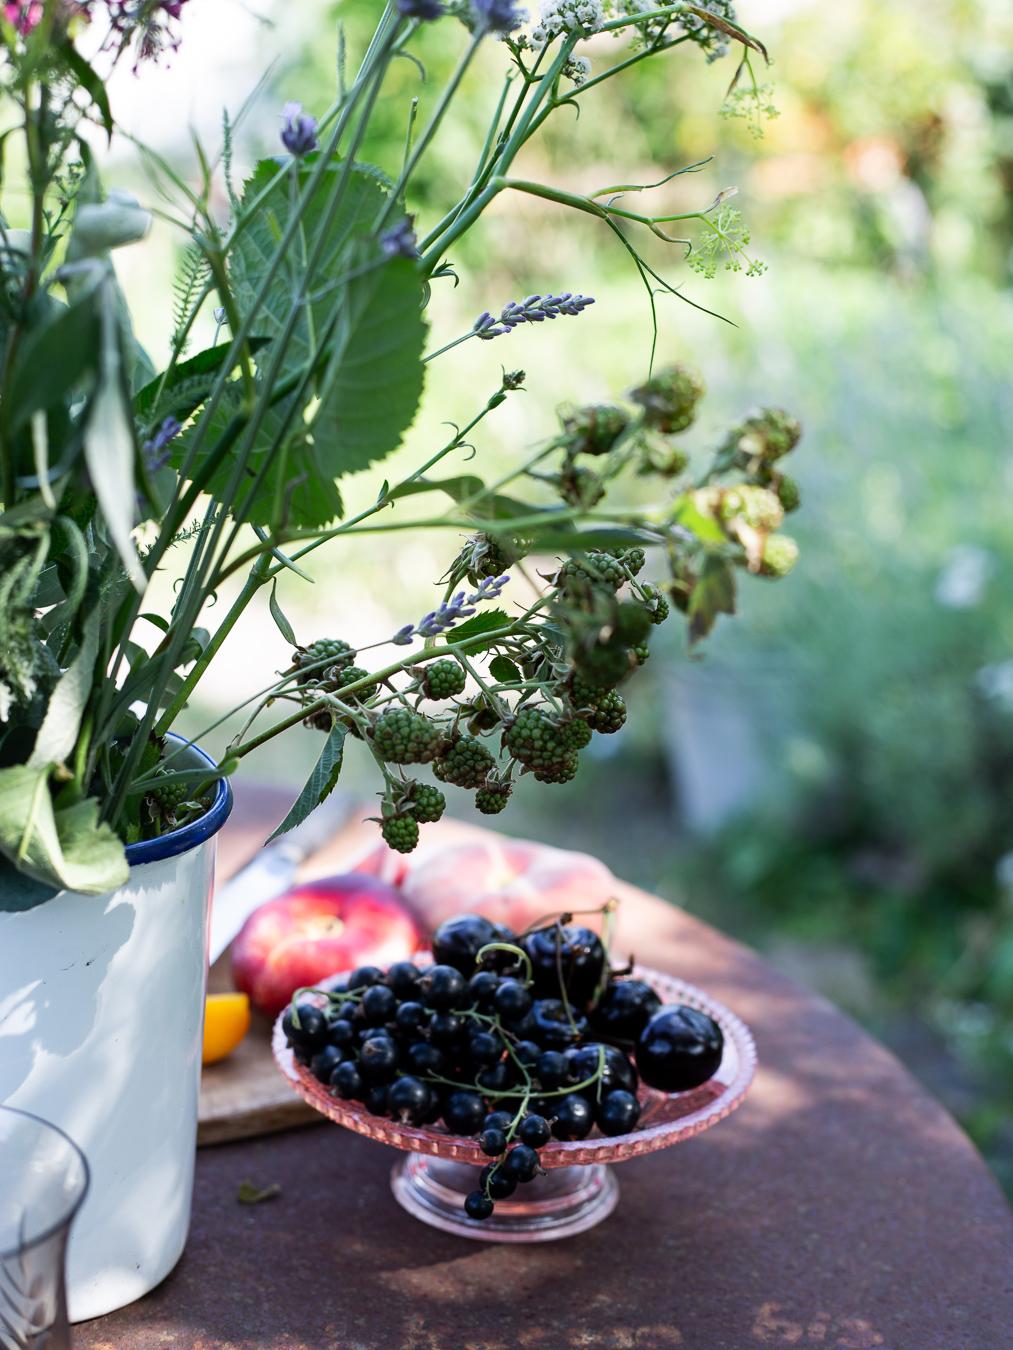 summer, breakfast, garden, cherries